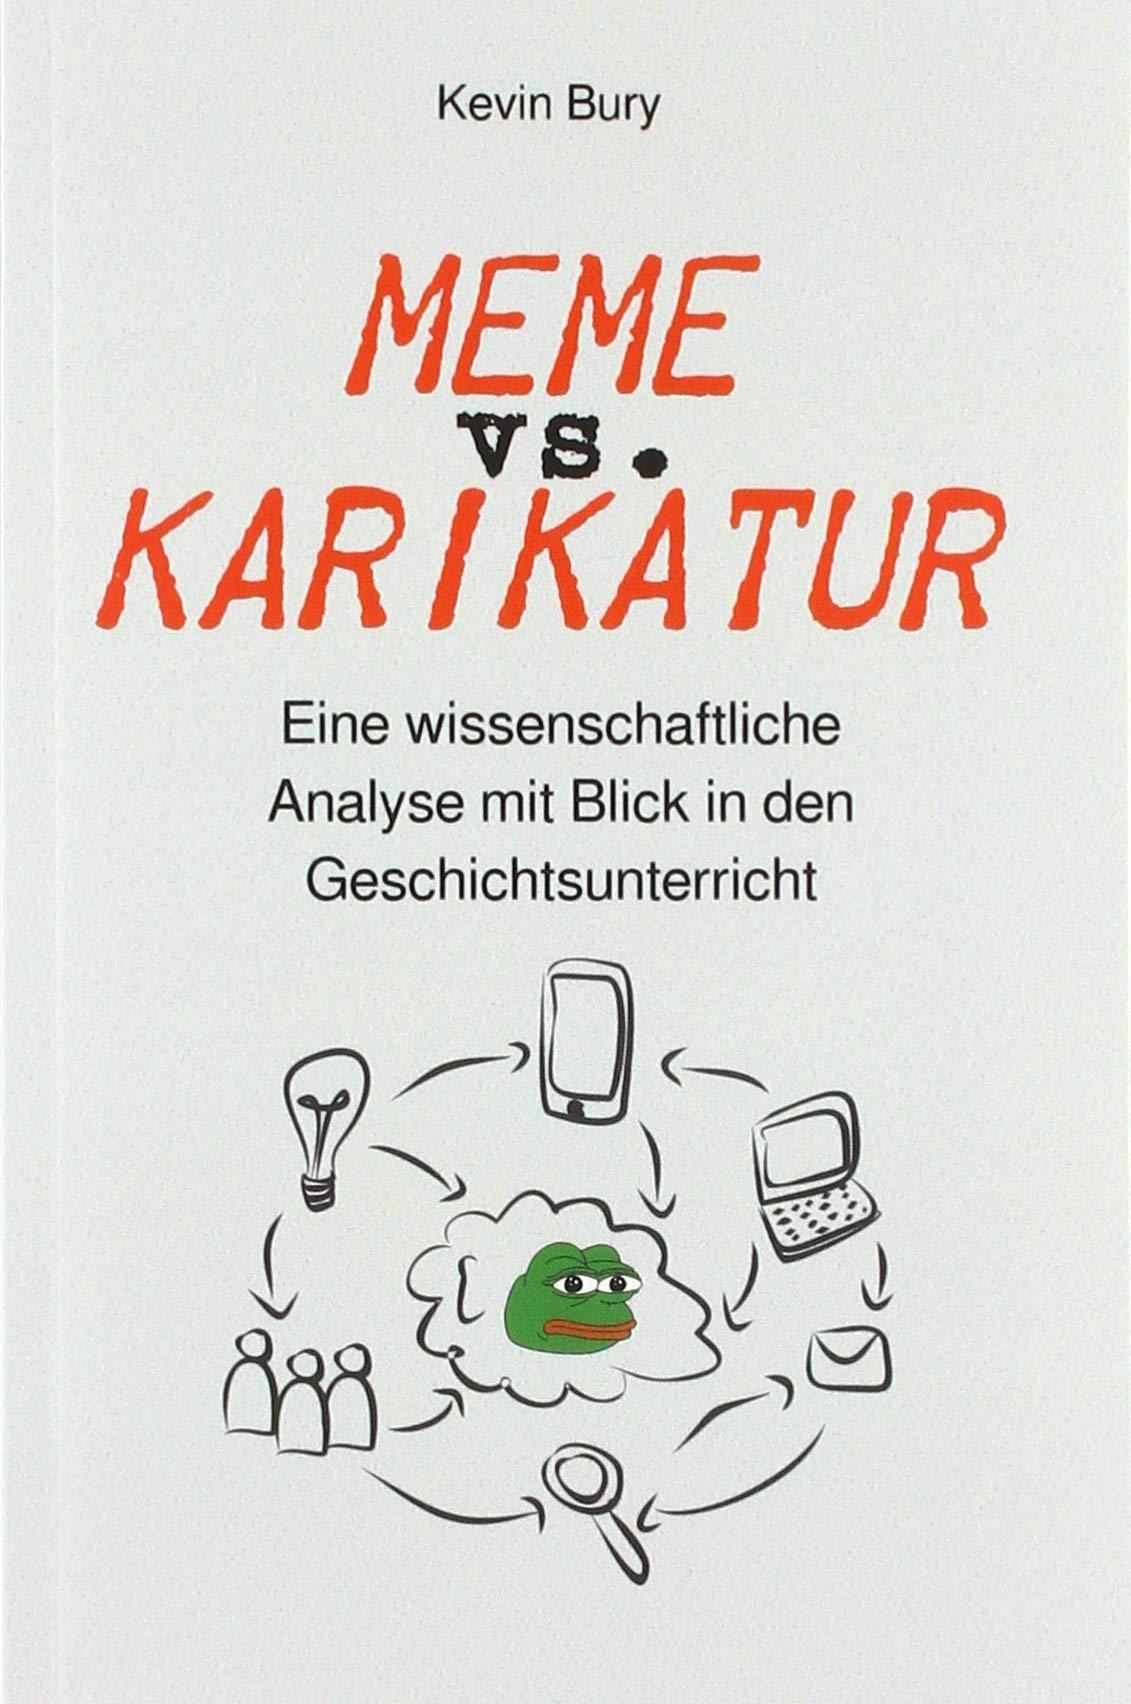 karikatur analyse